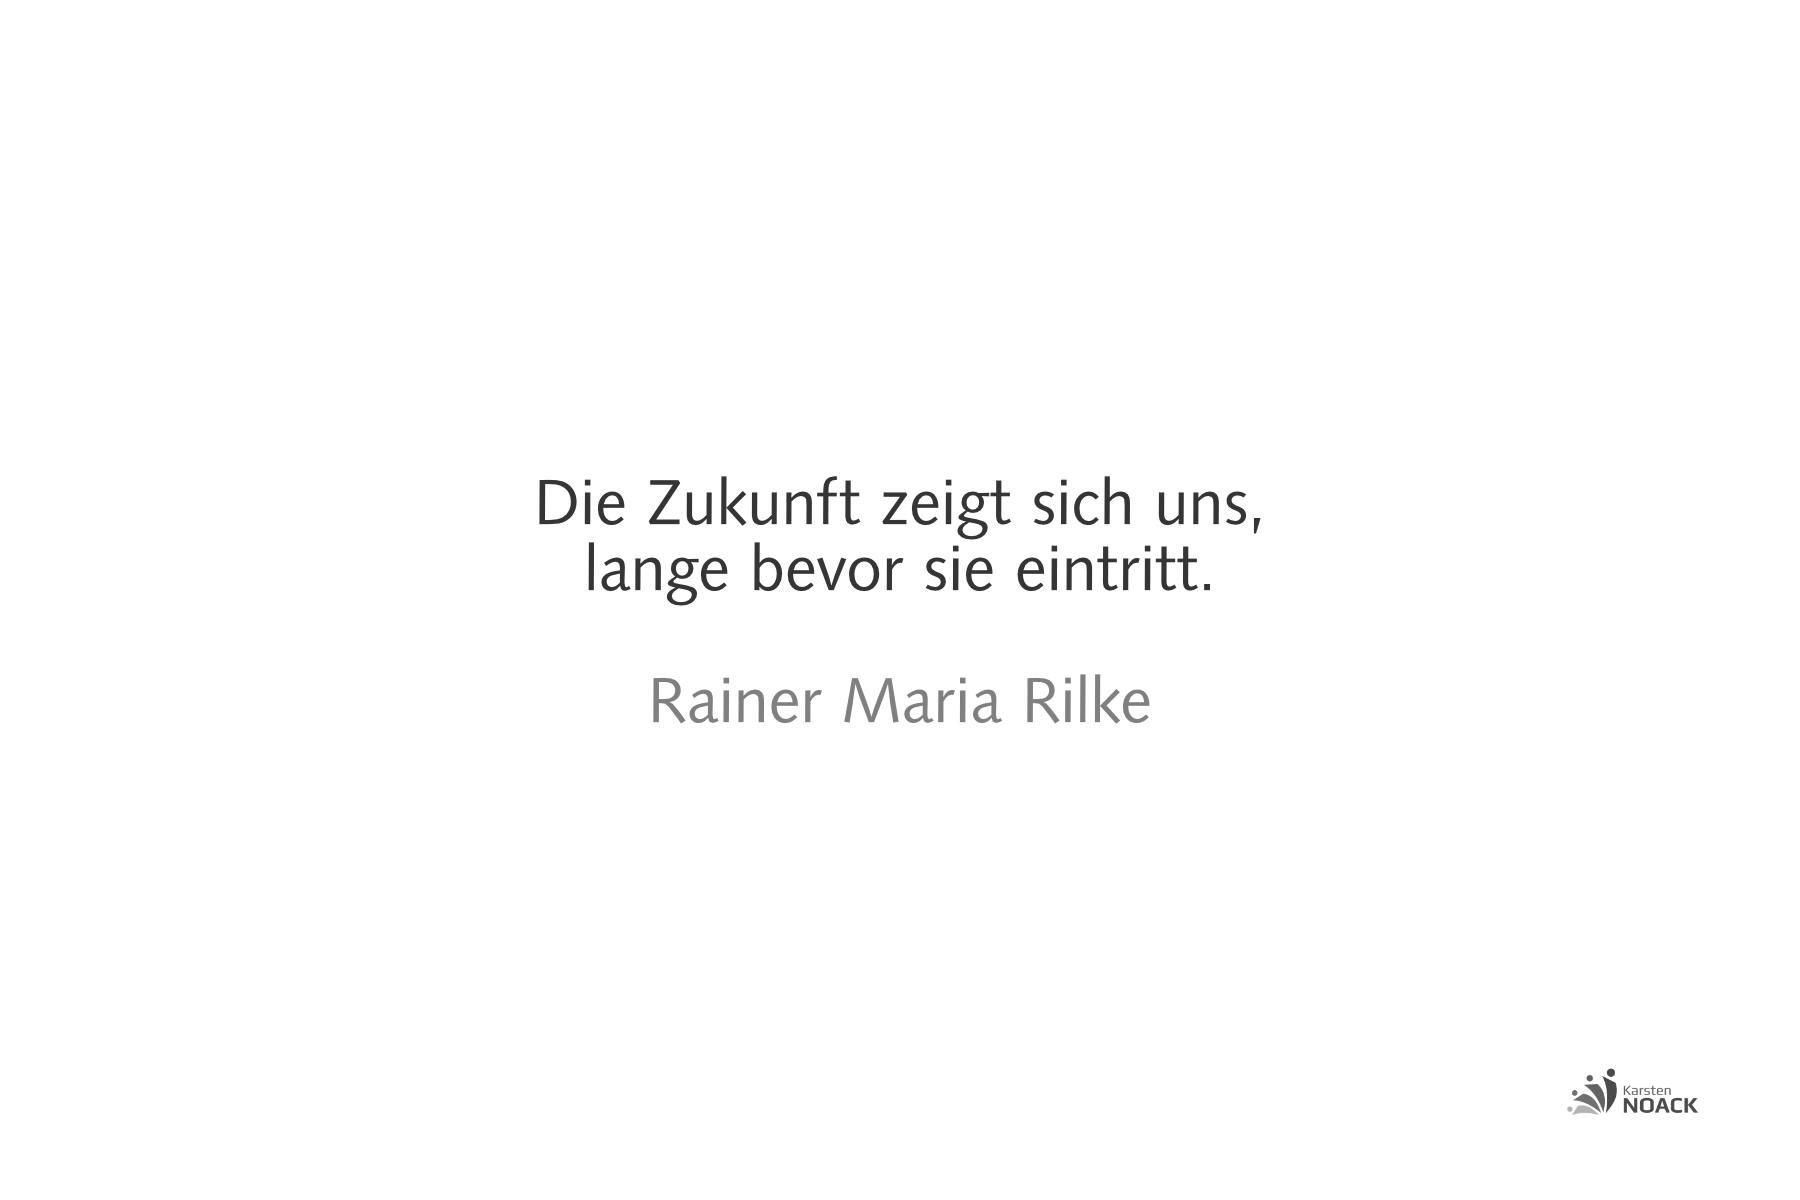 Die Zukunft zeigt sich uns, lange bevor sie eintritt. Rainer Maria Rilke